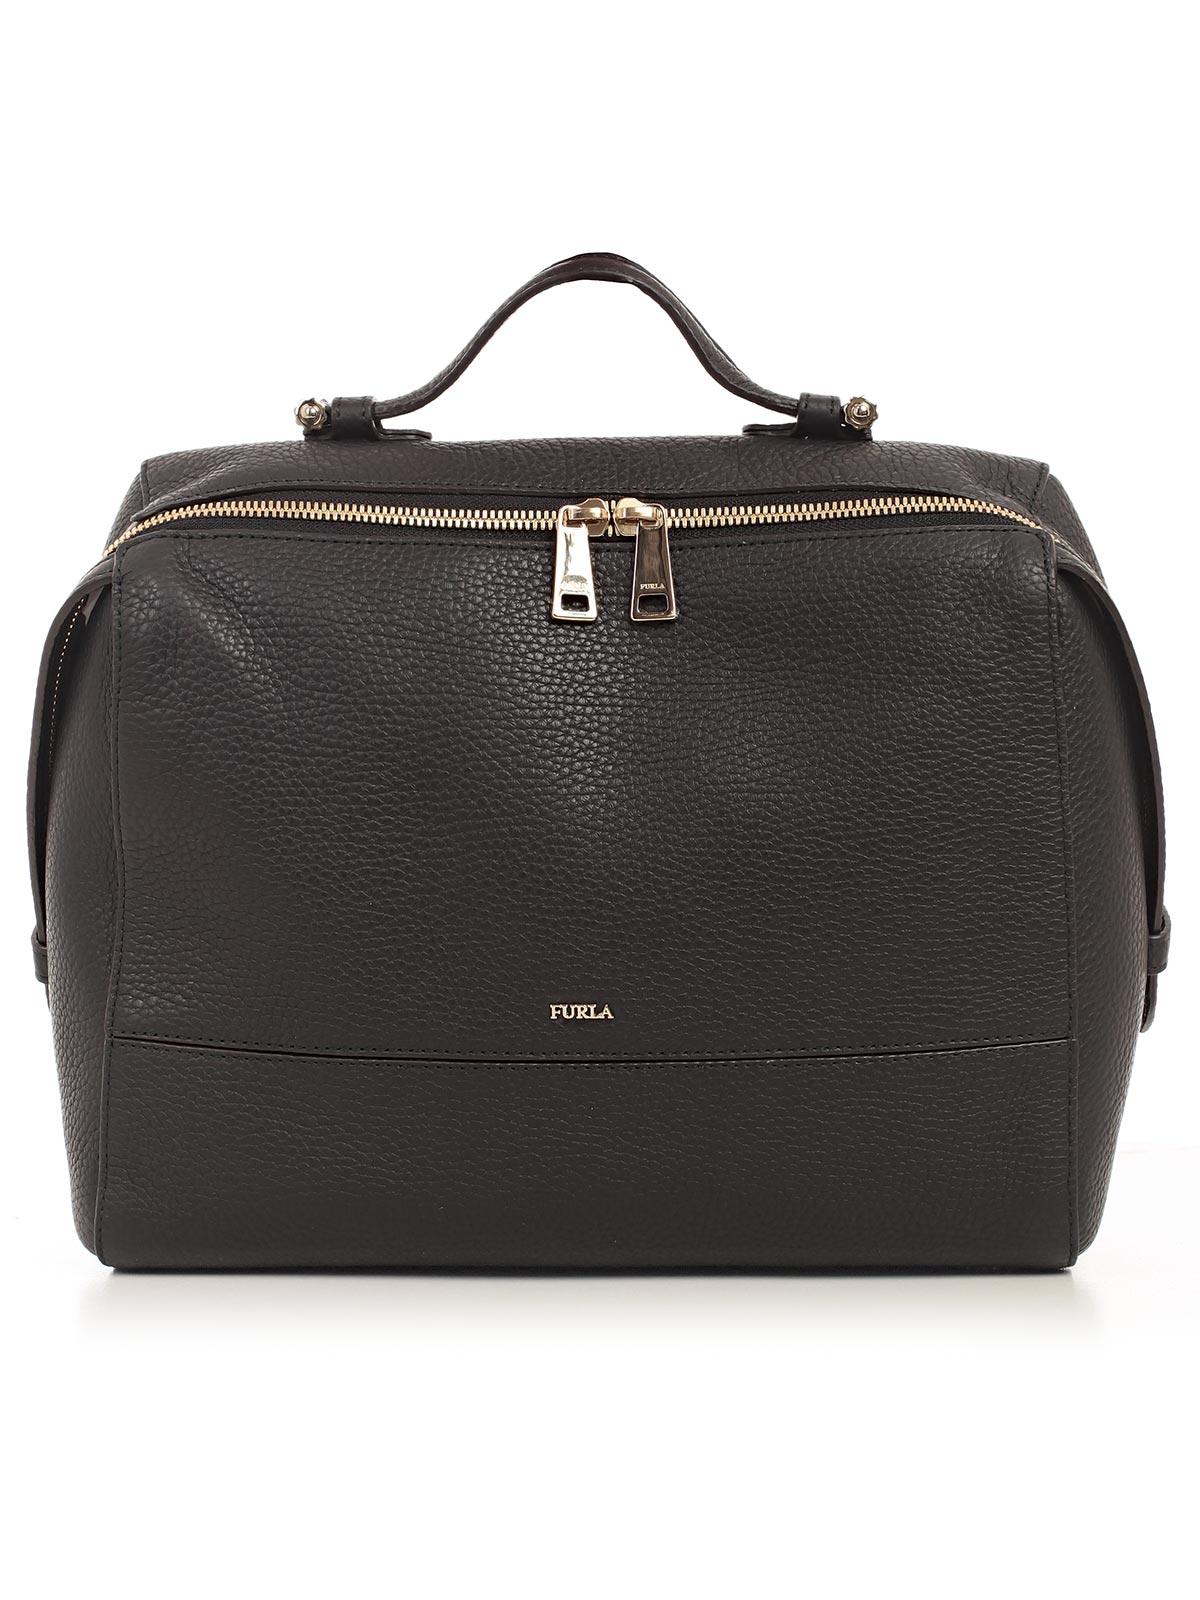 Picture of Furla Shoulder Bag